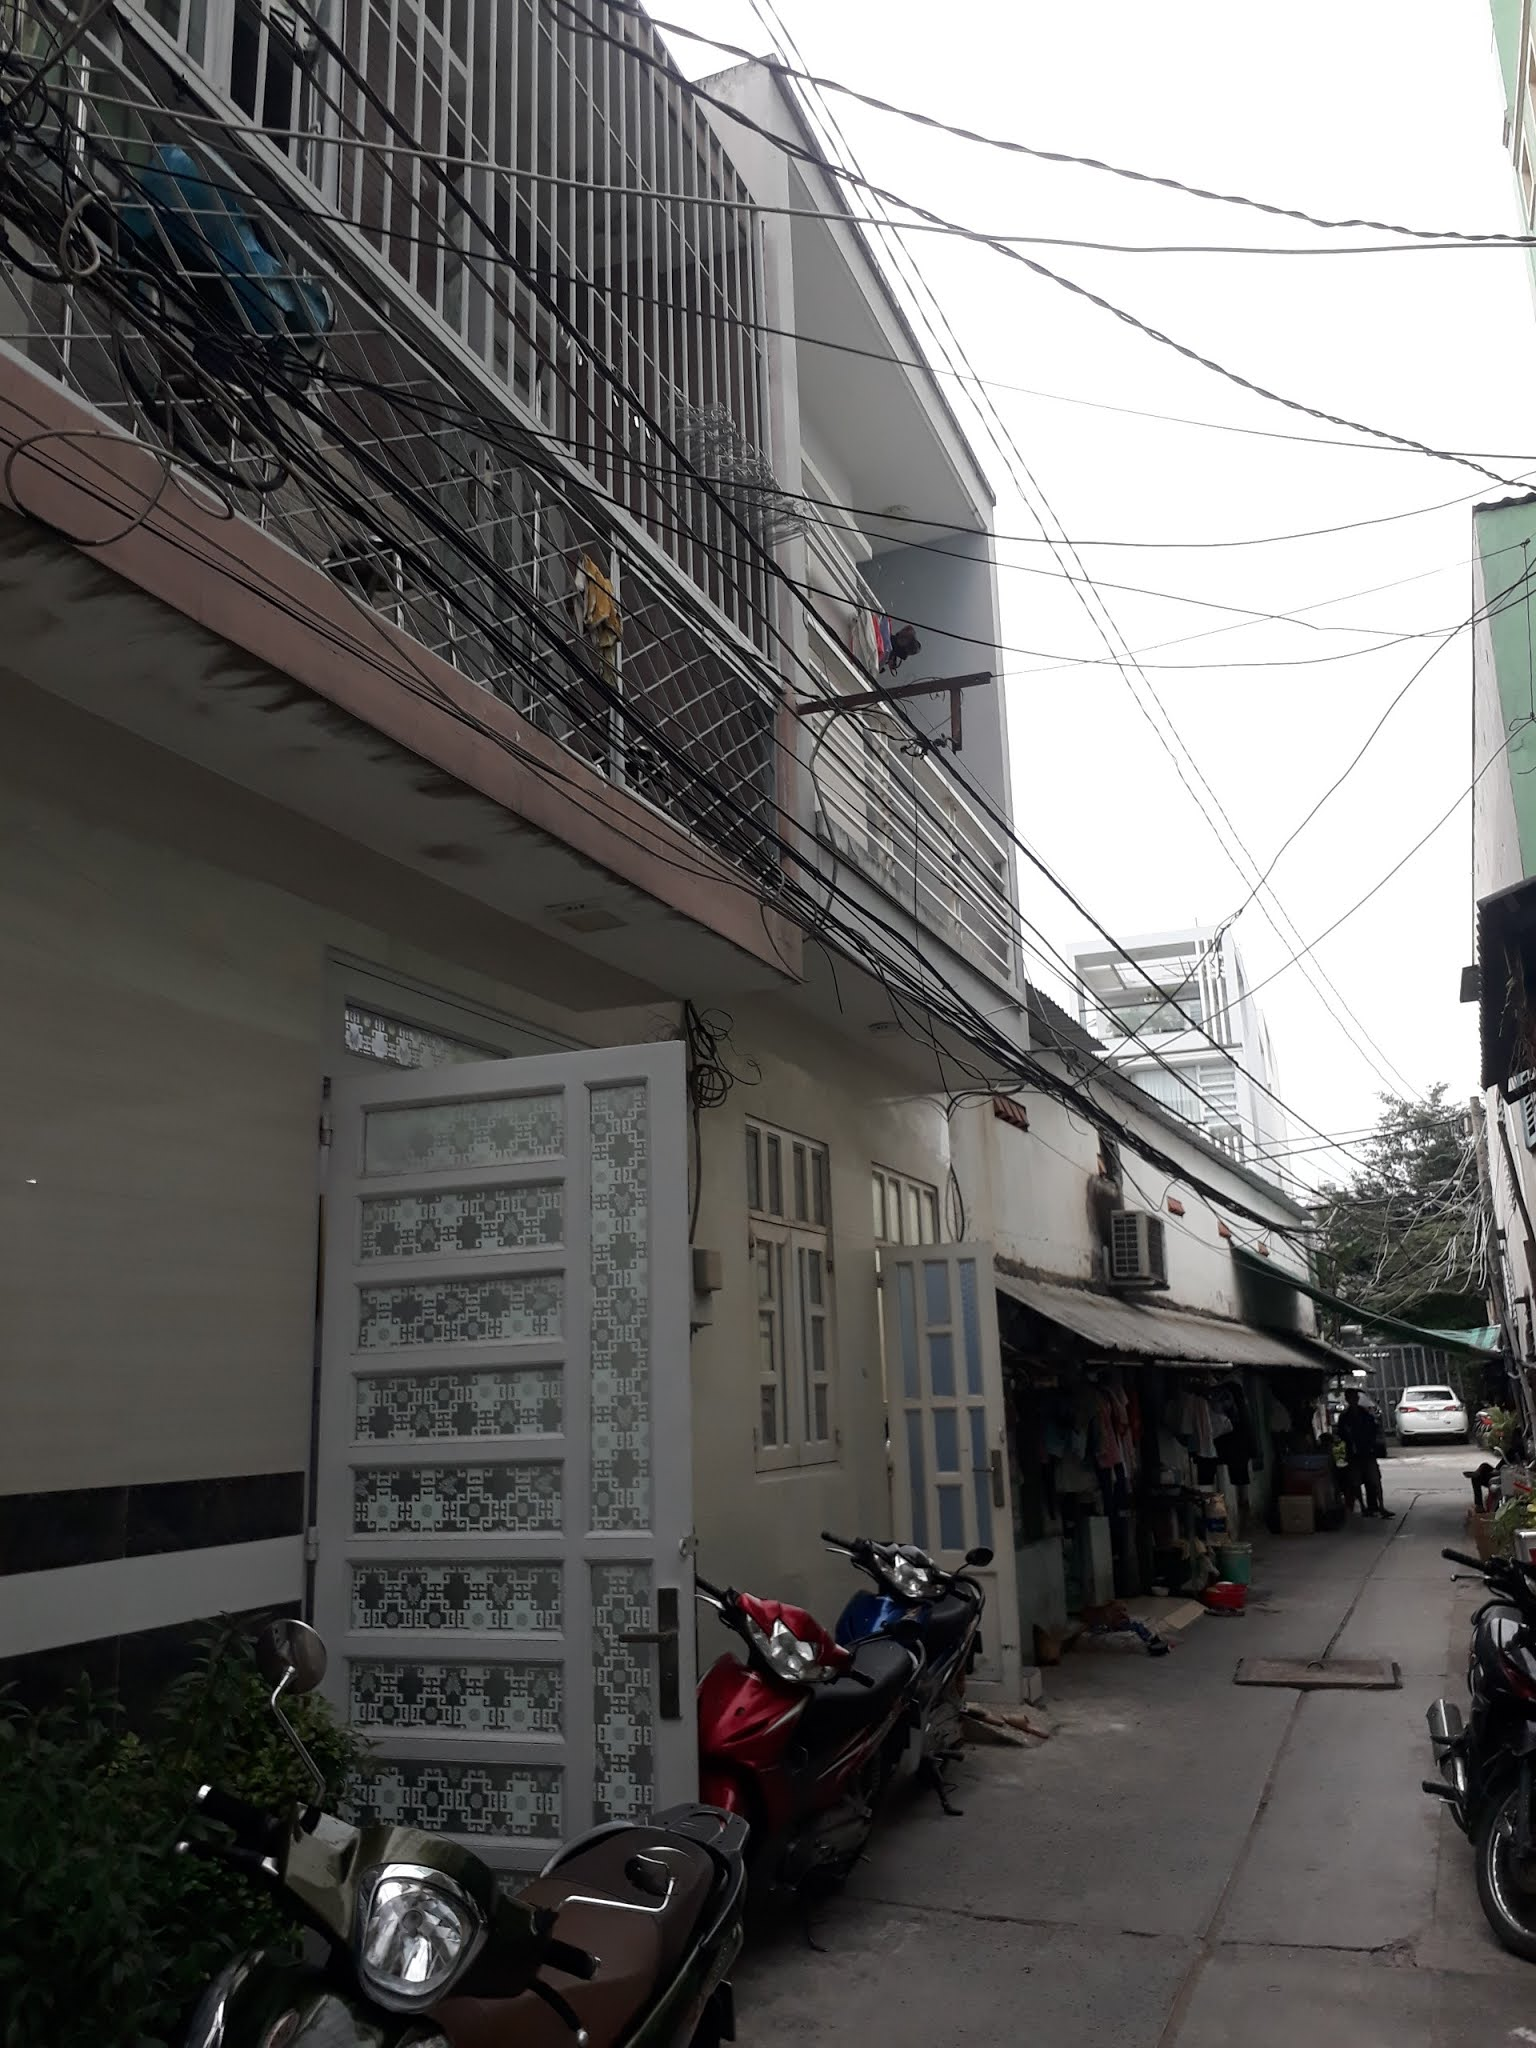 Bán nhà đường Tỉnh lộ 10 phường An Lạc A quận Bình Tân dưới 2 tỷ